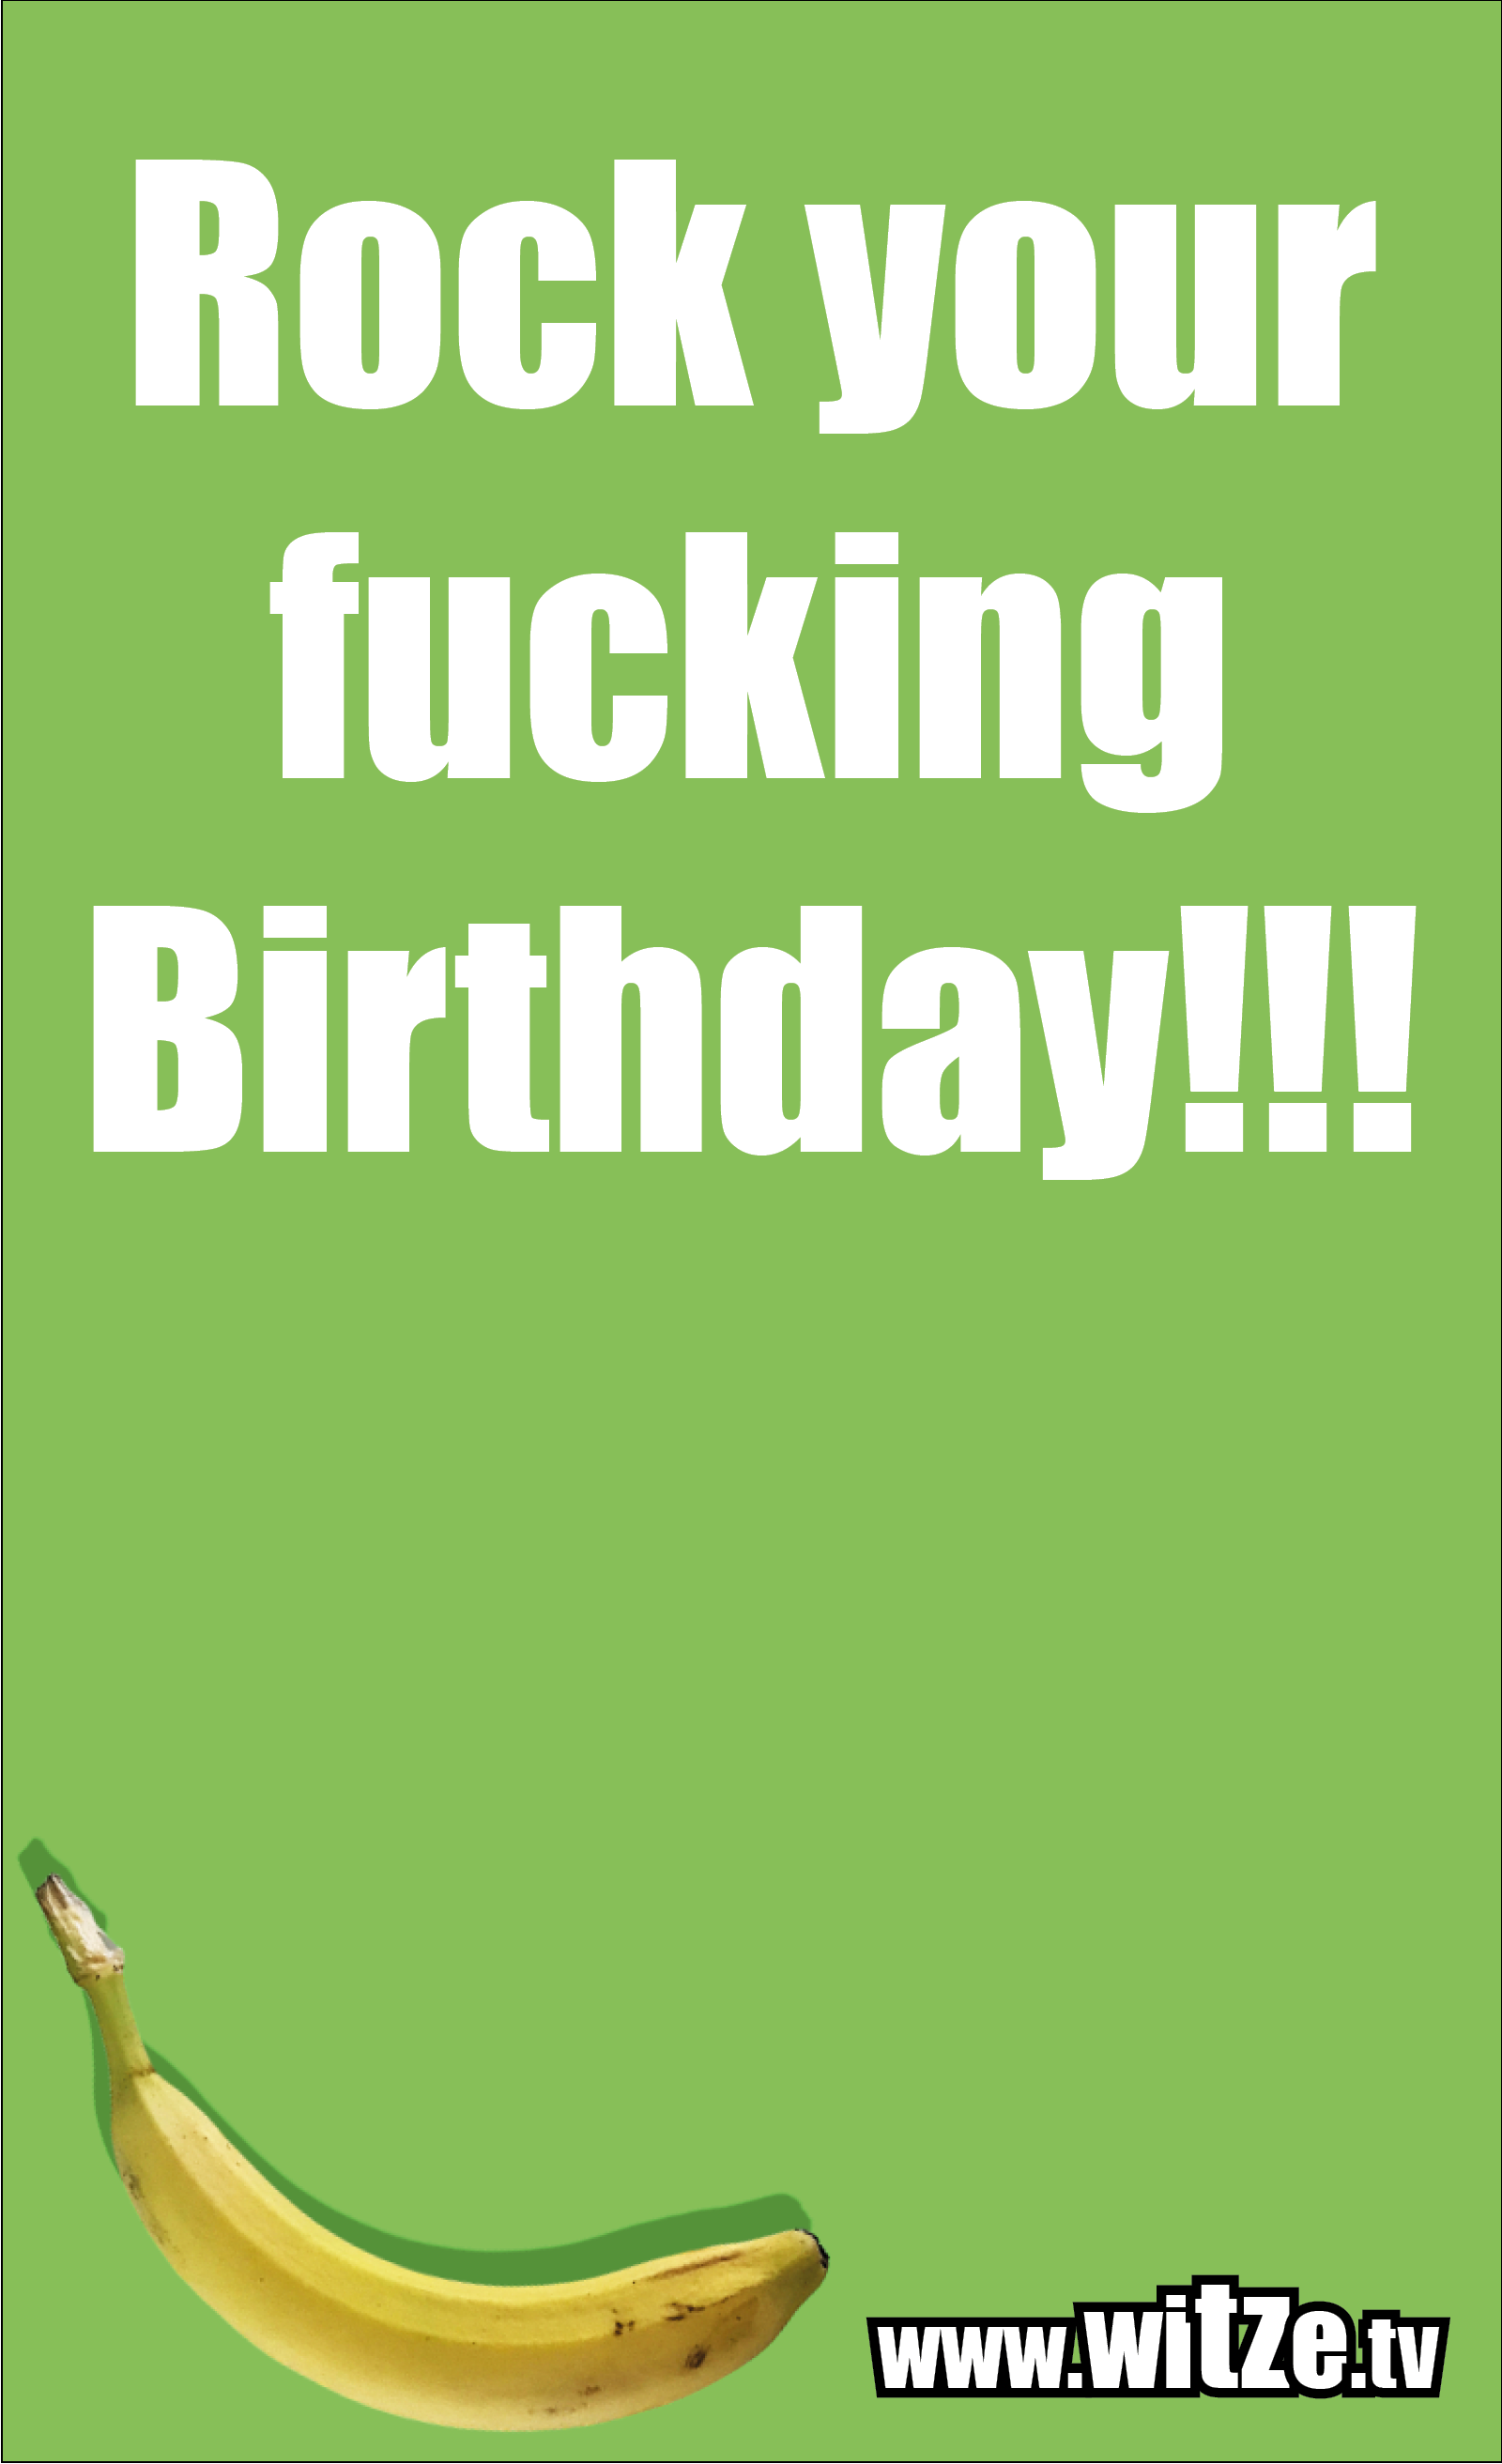 Lustige Geburtstagswünsche: Rock your fucking Birthday!!!